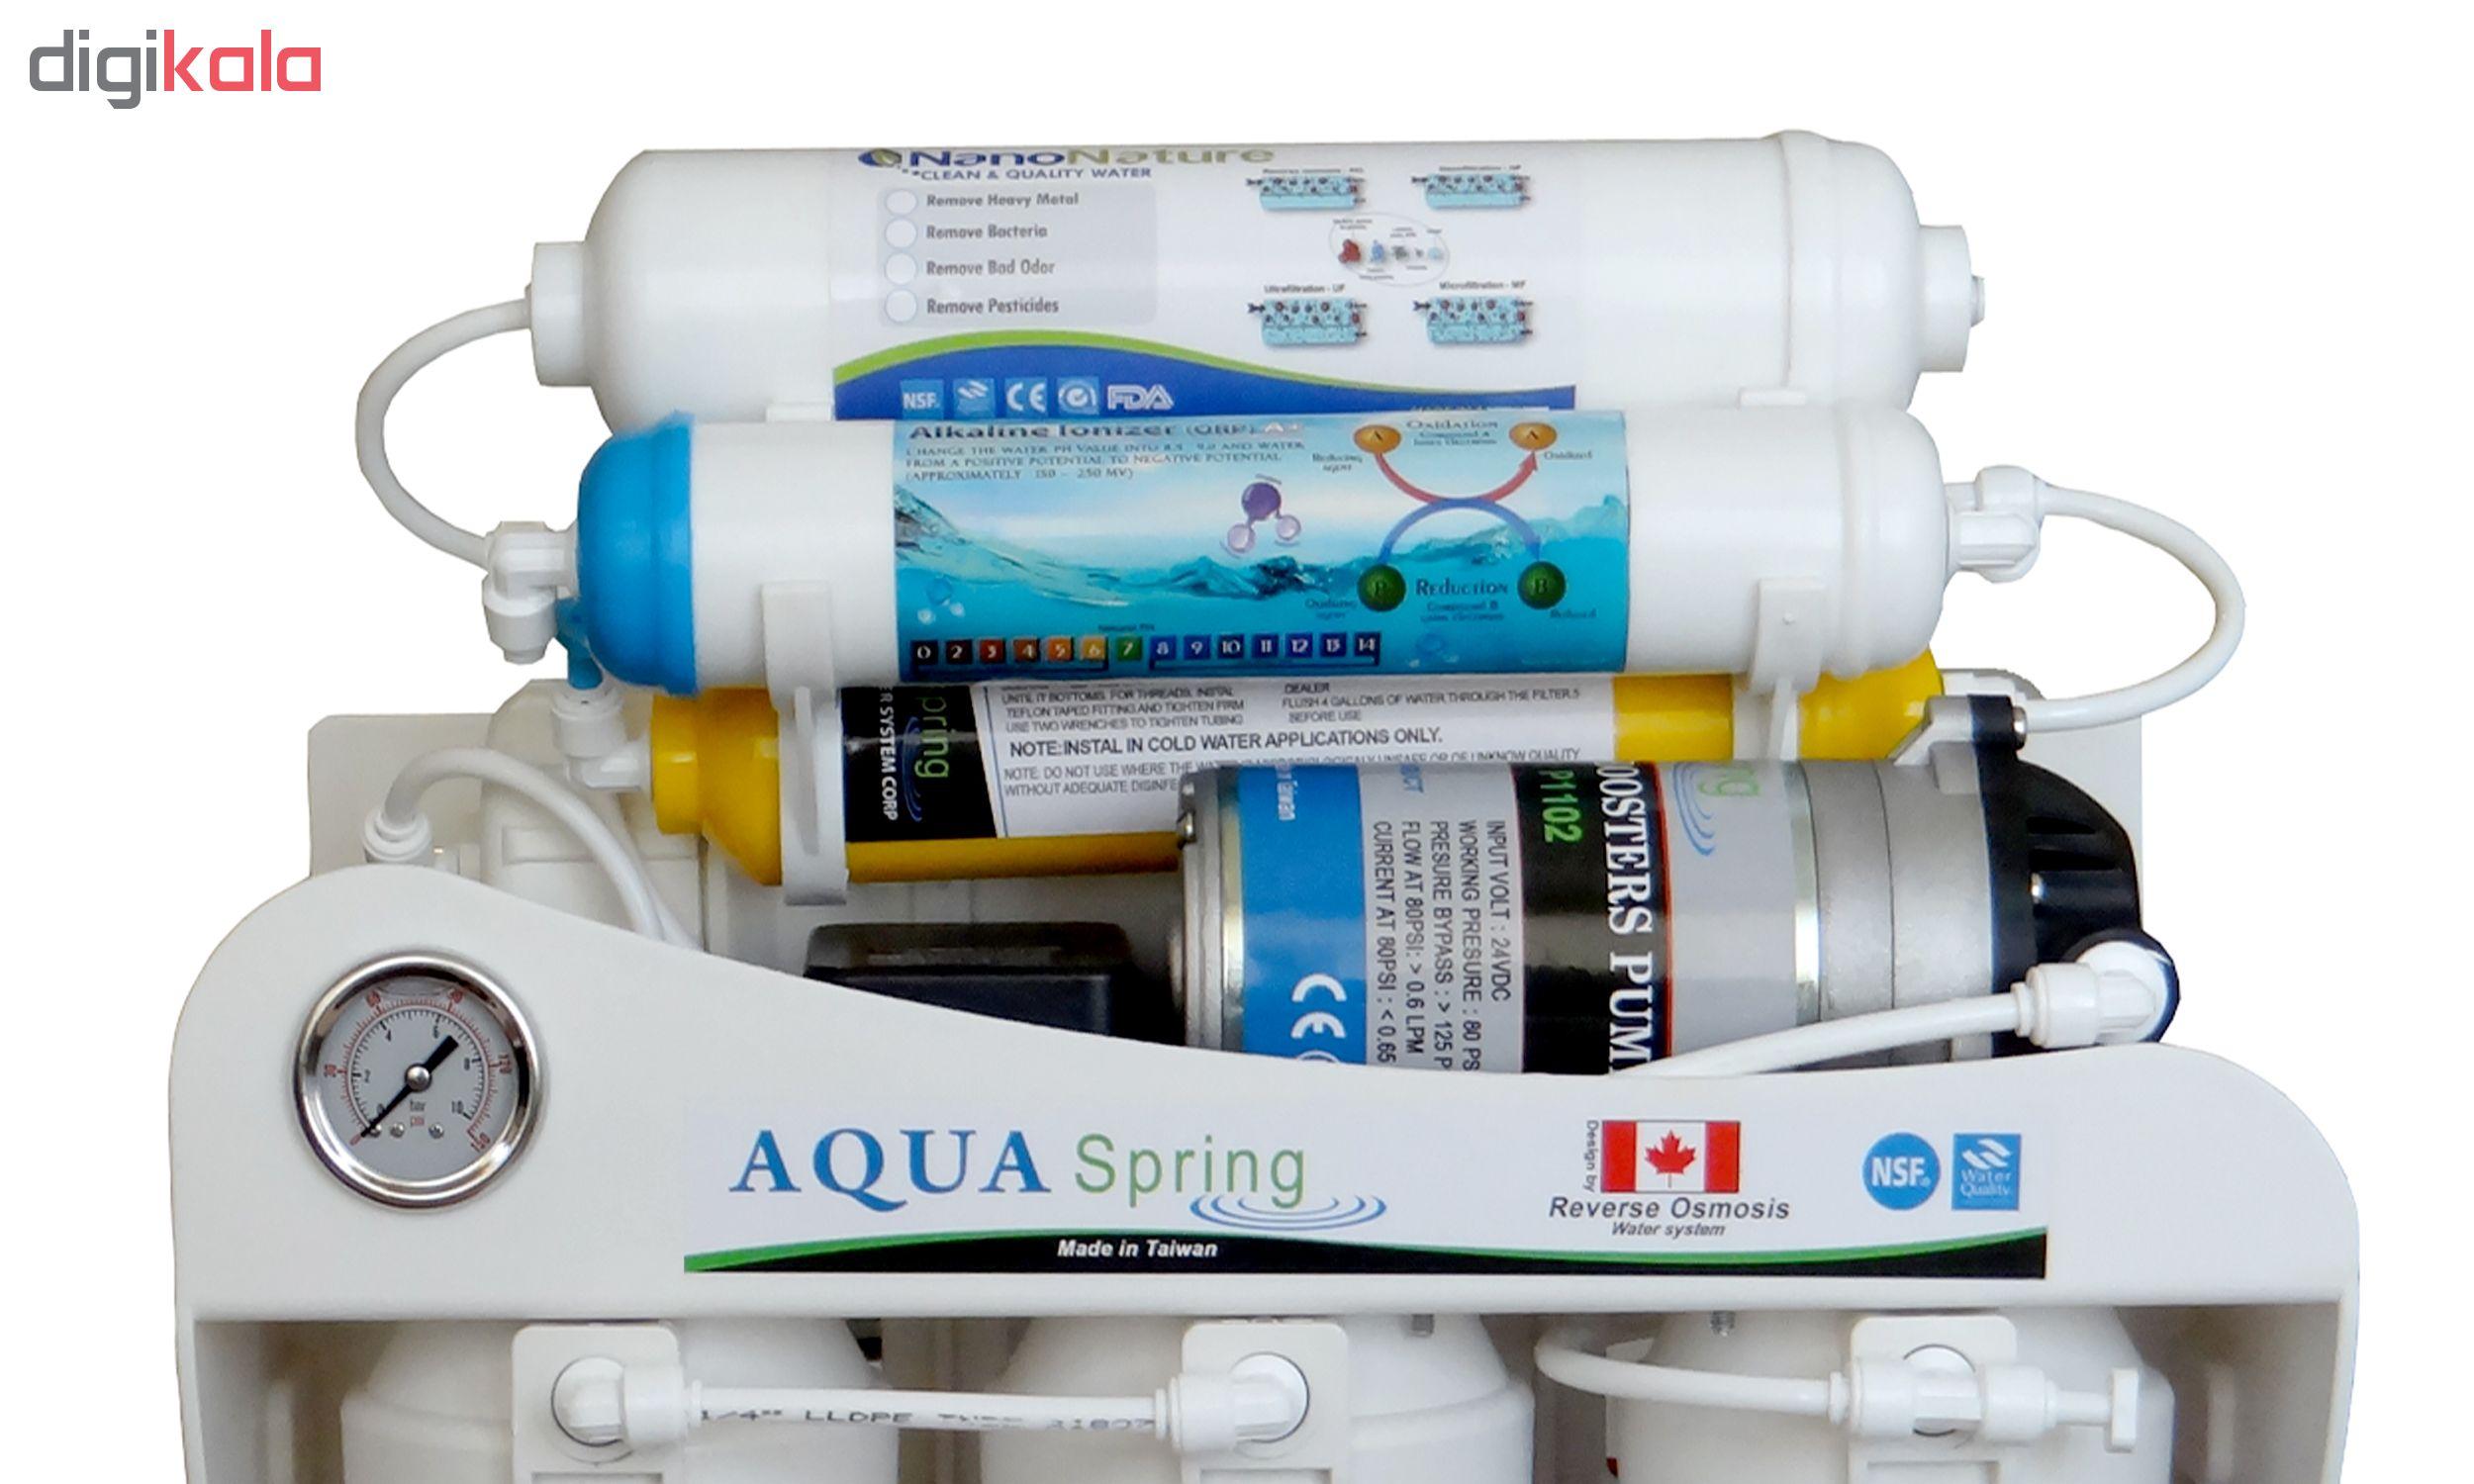 خرید                                     دستگاه تصفیه کننده آب آکوآ اسپرینگ مدل AQ-SF2400 به همراه فیلتر دستگاه تصفیه کننده آب بسته 4 عددی